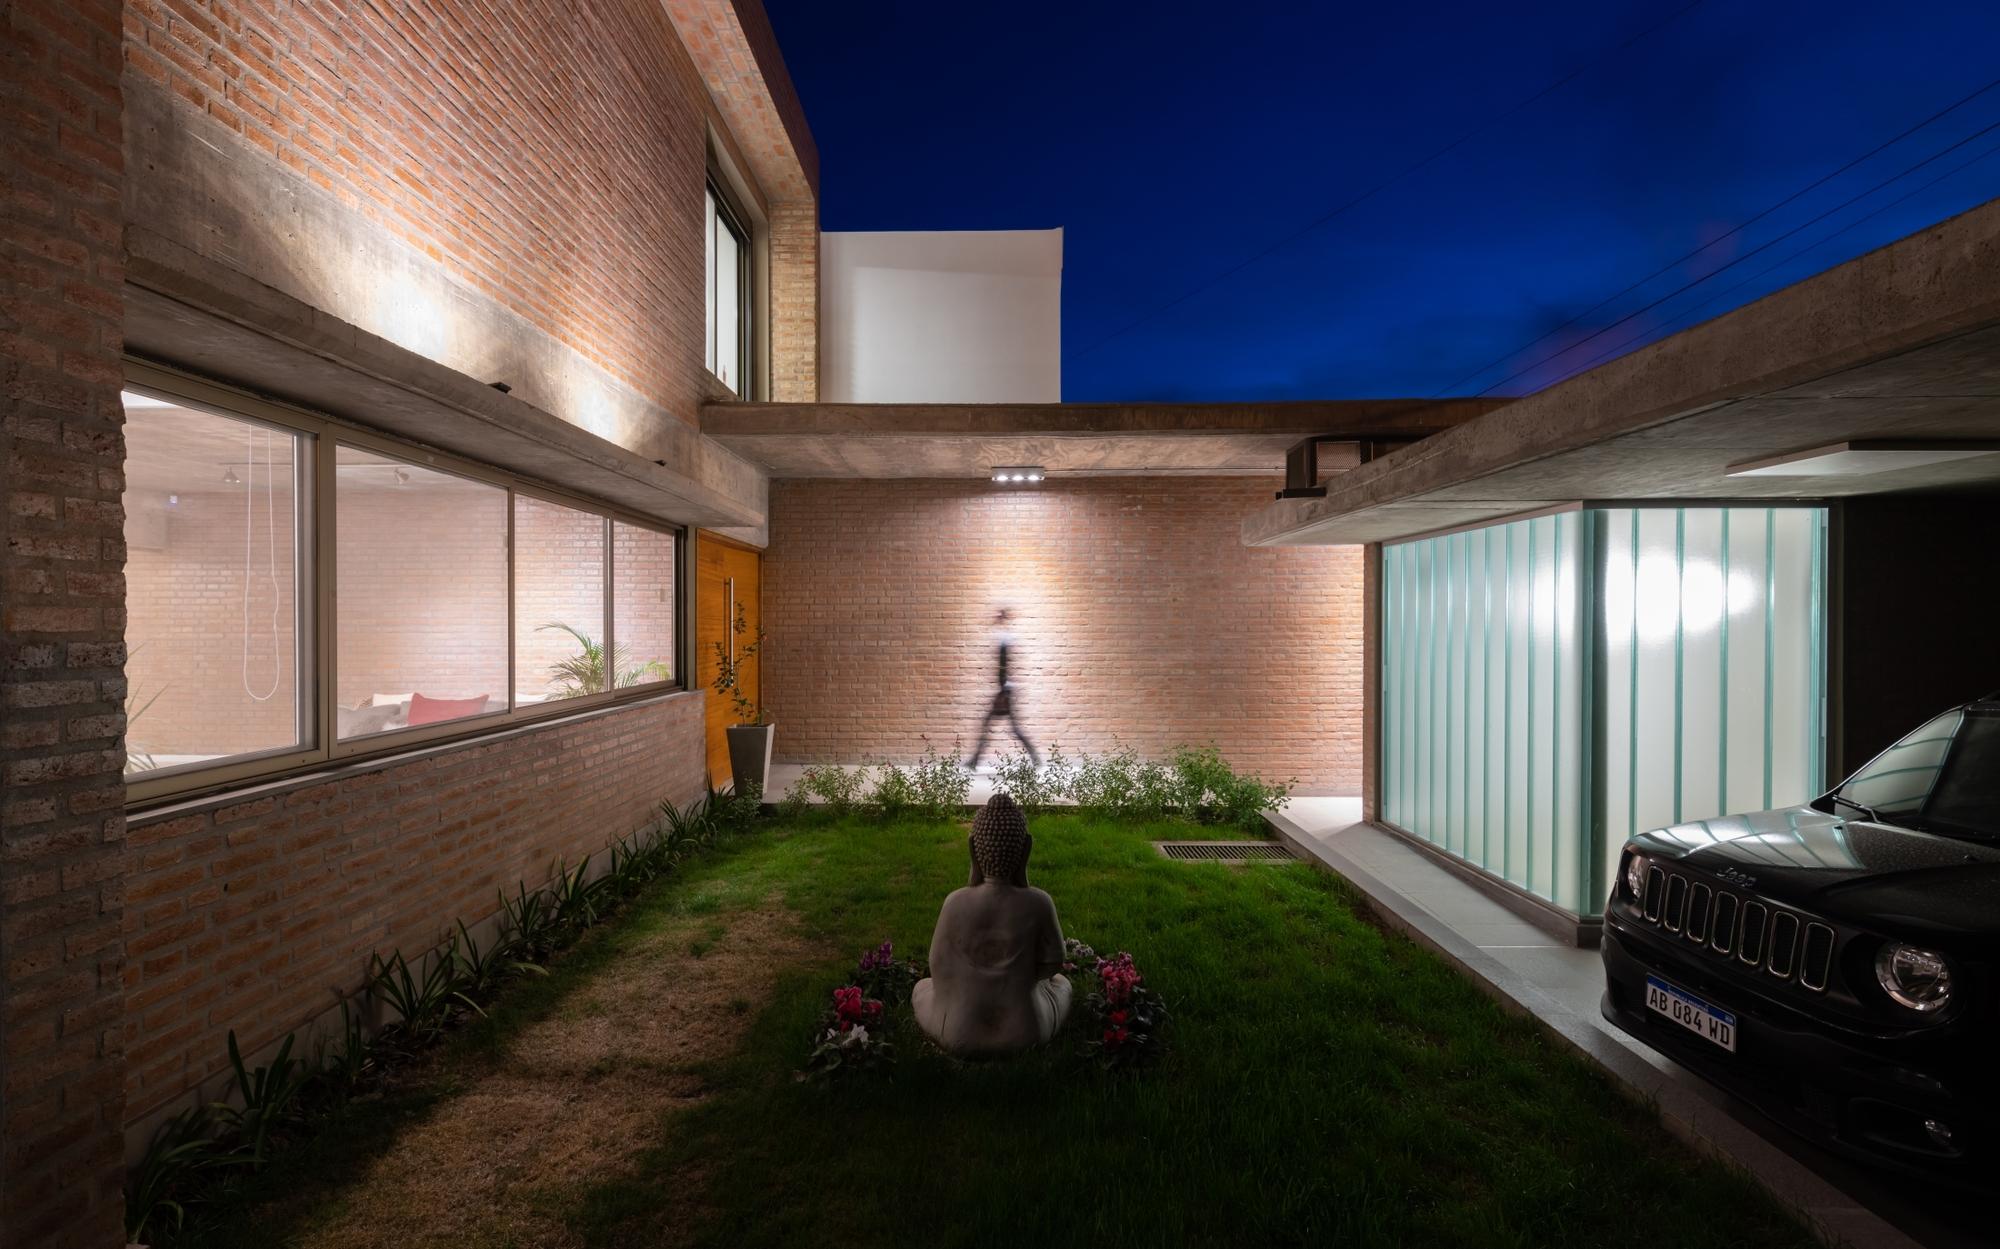 Galer a de vivienda en el norte de c rdoba ono arquitectos 13 - Arquitectos en cordoba ...